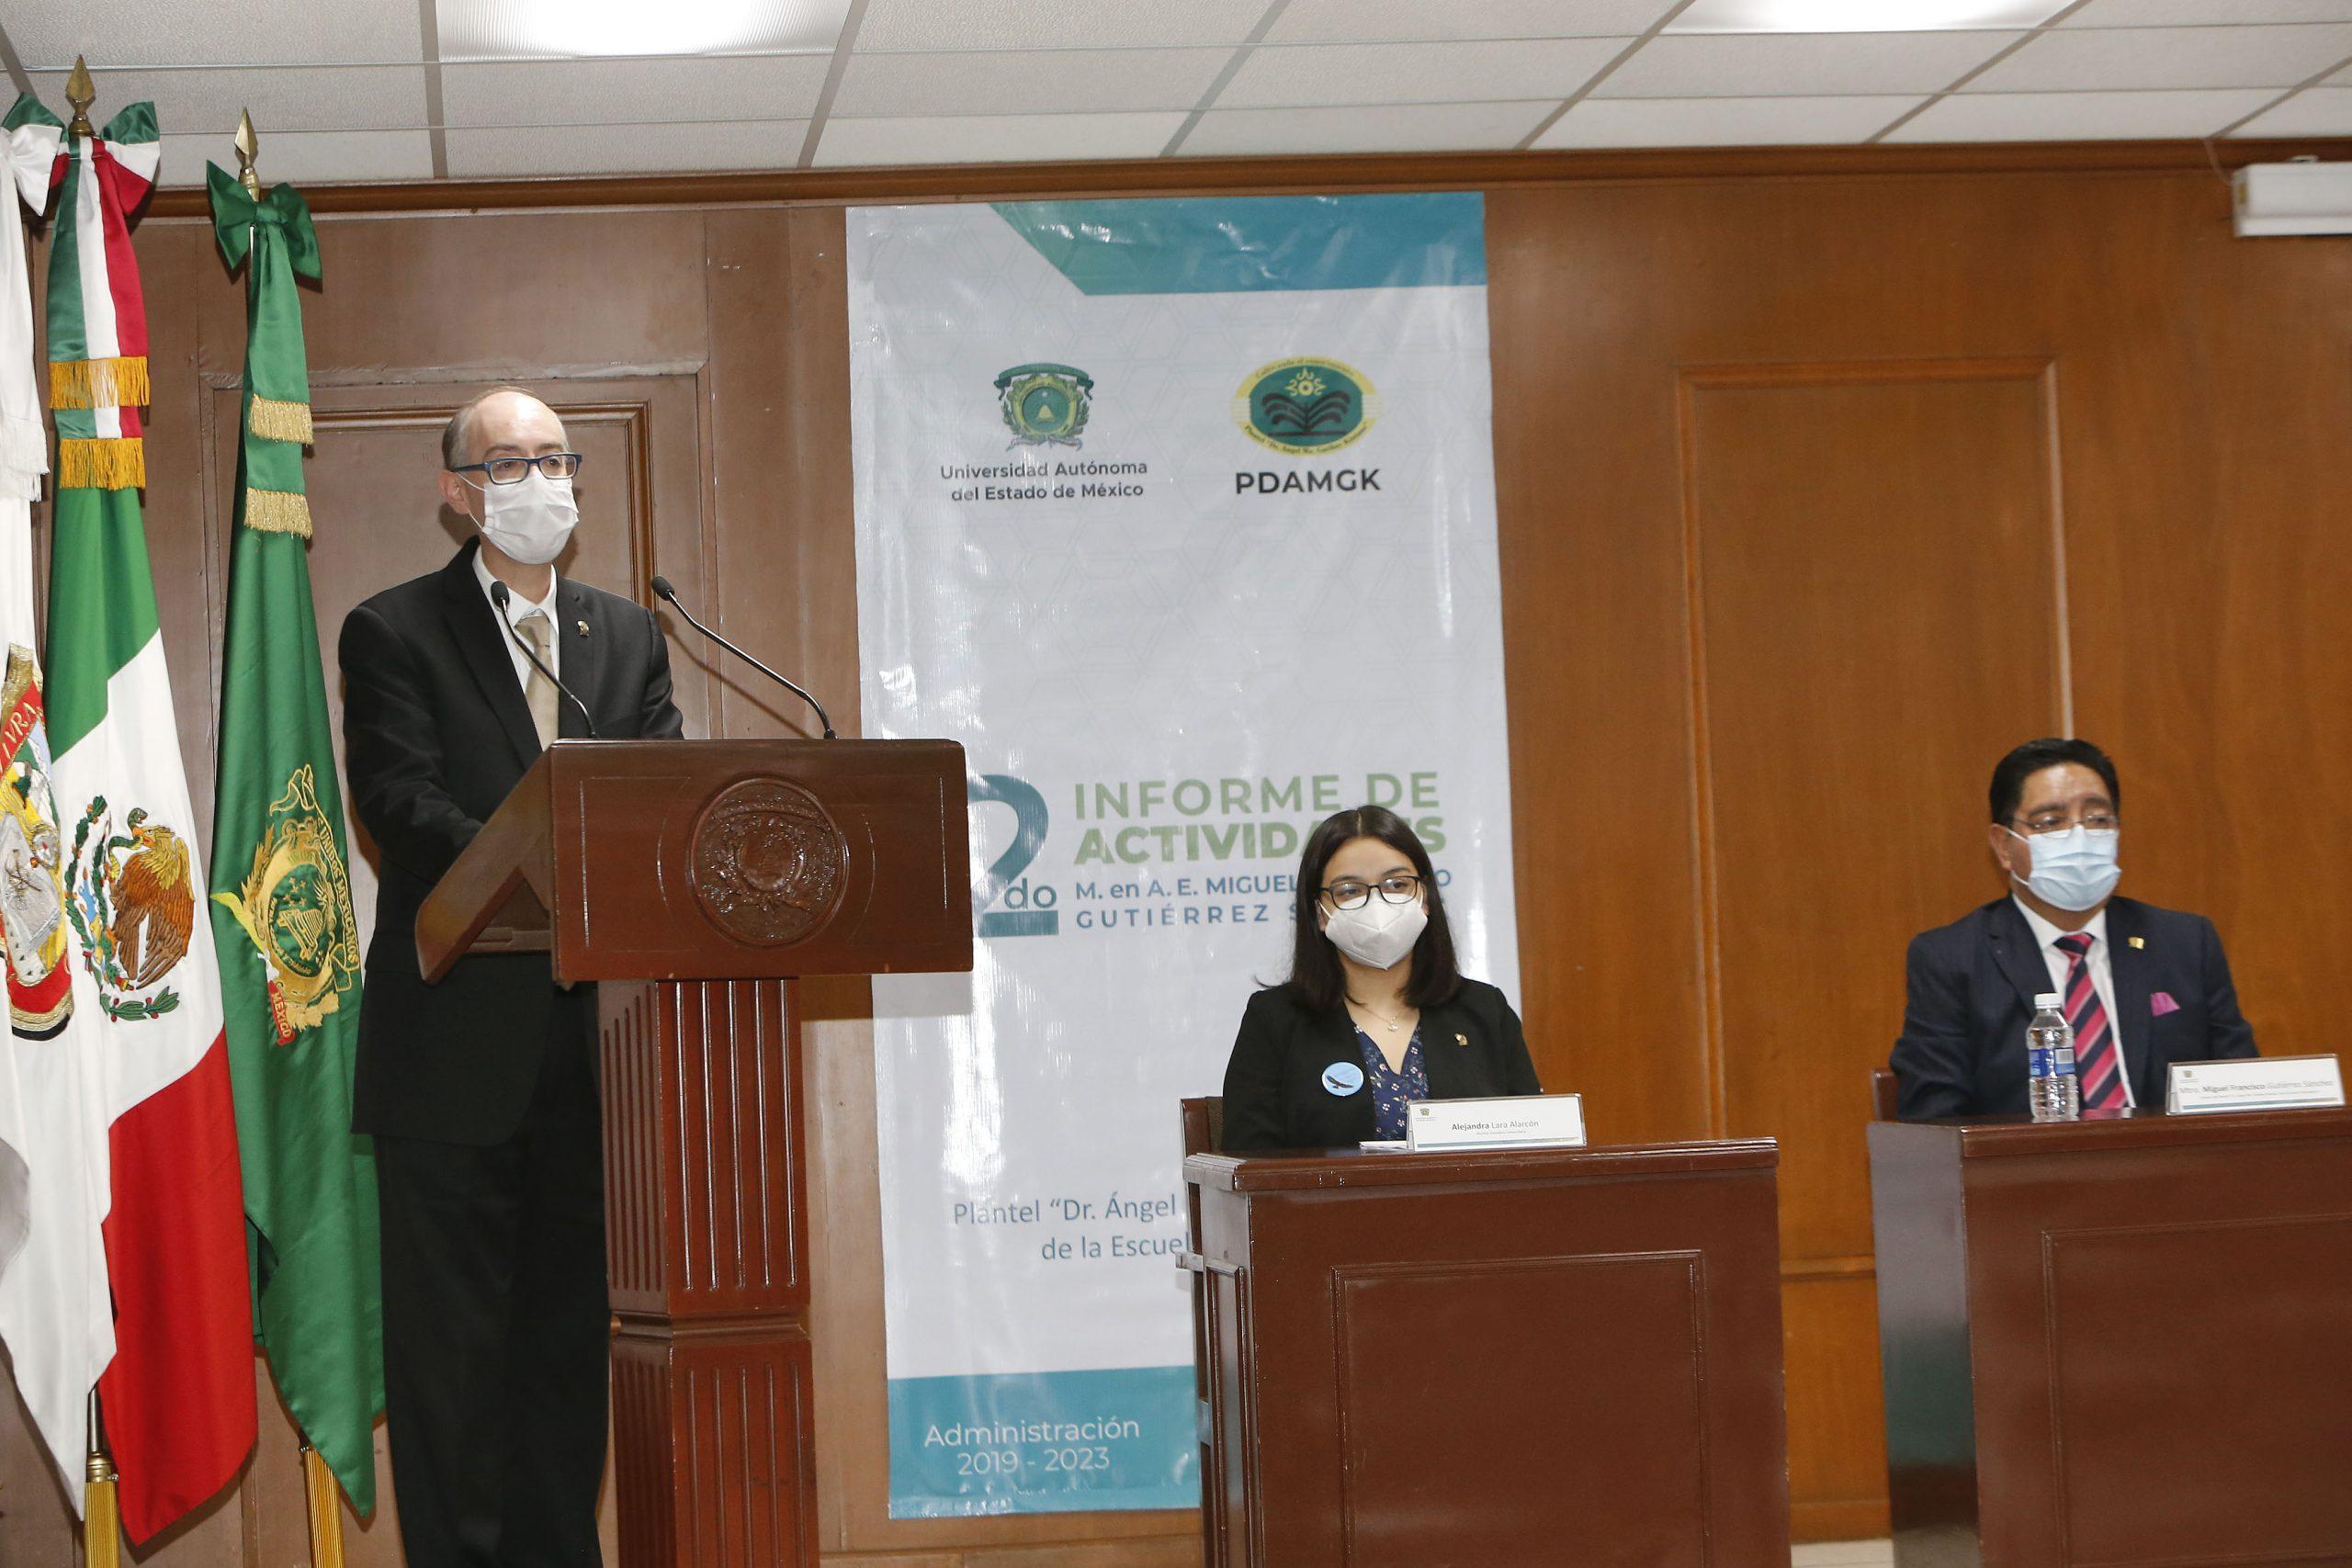 Comunidad estudiantil, docente y personal administrativo de la UAEM han sido resilientes ante la pandemia: CEBD